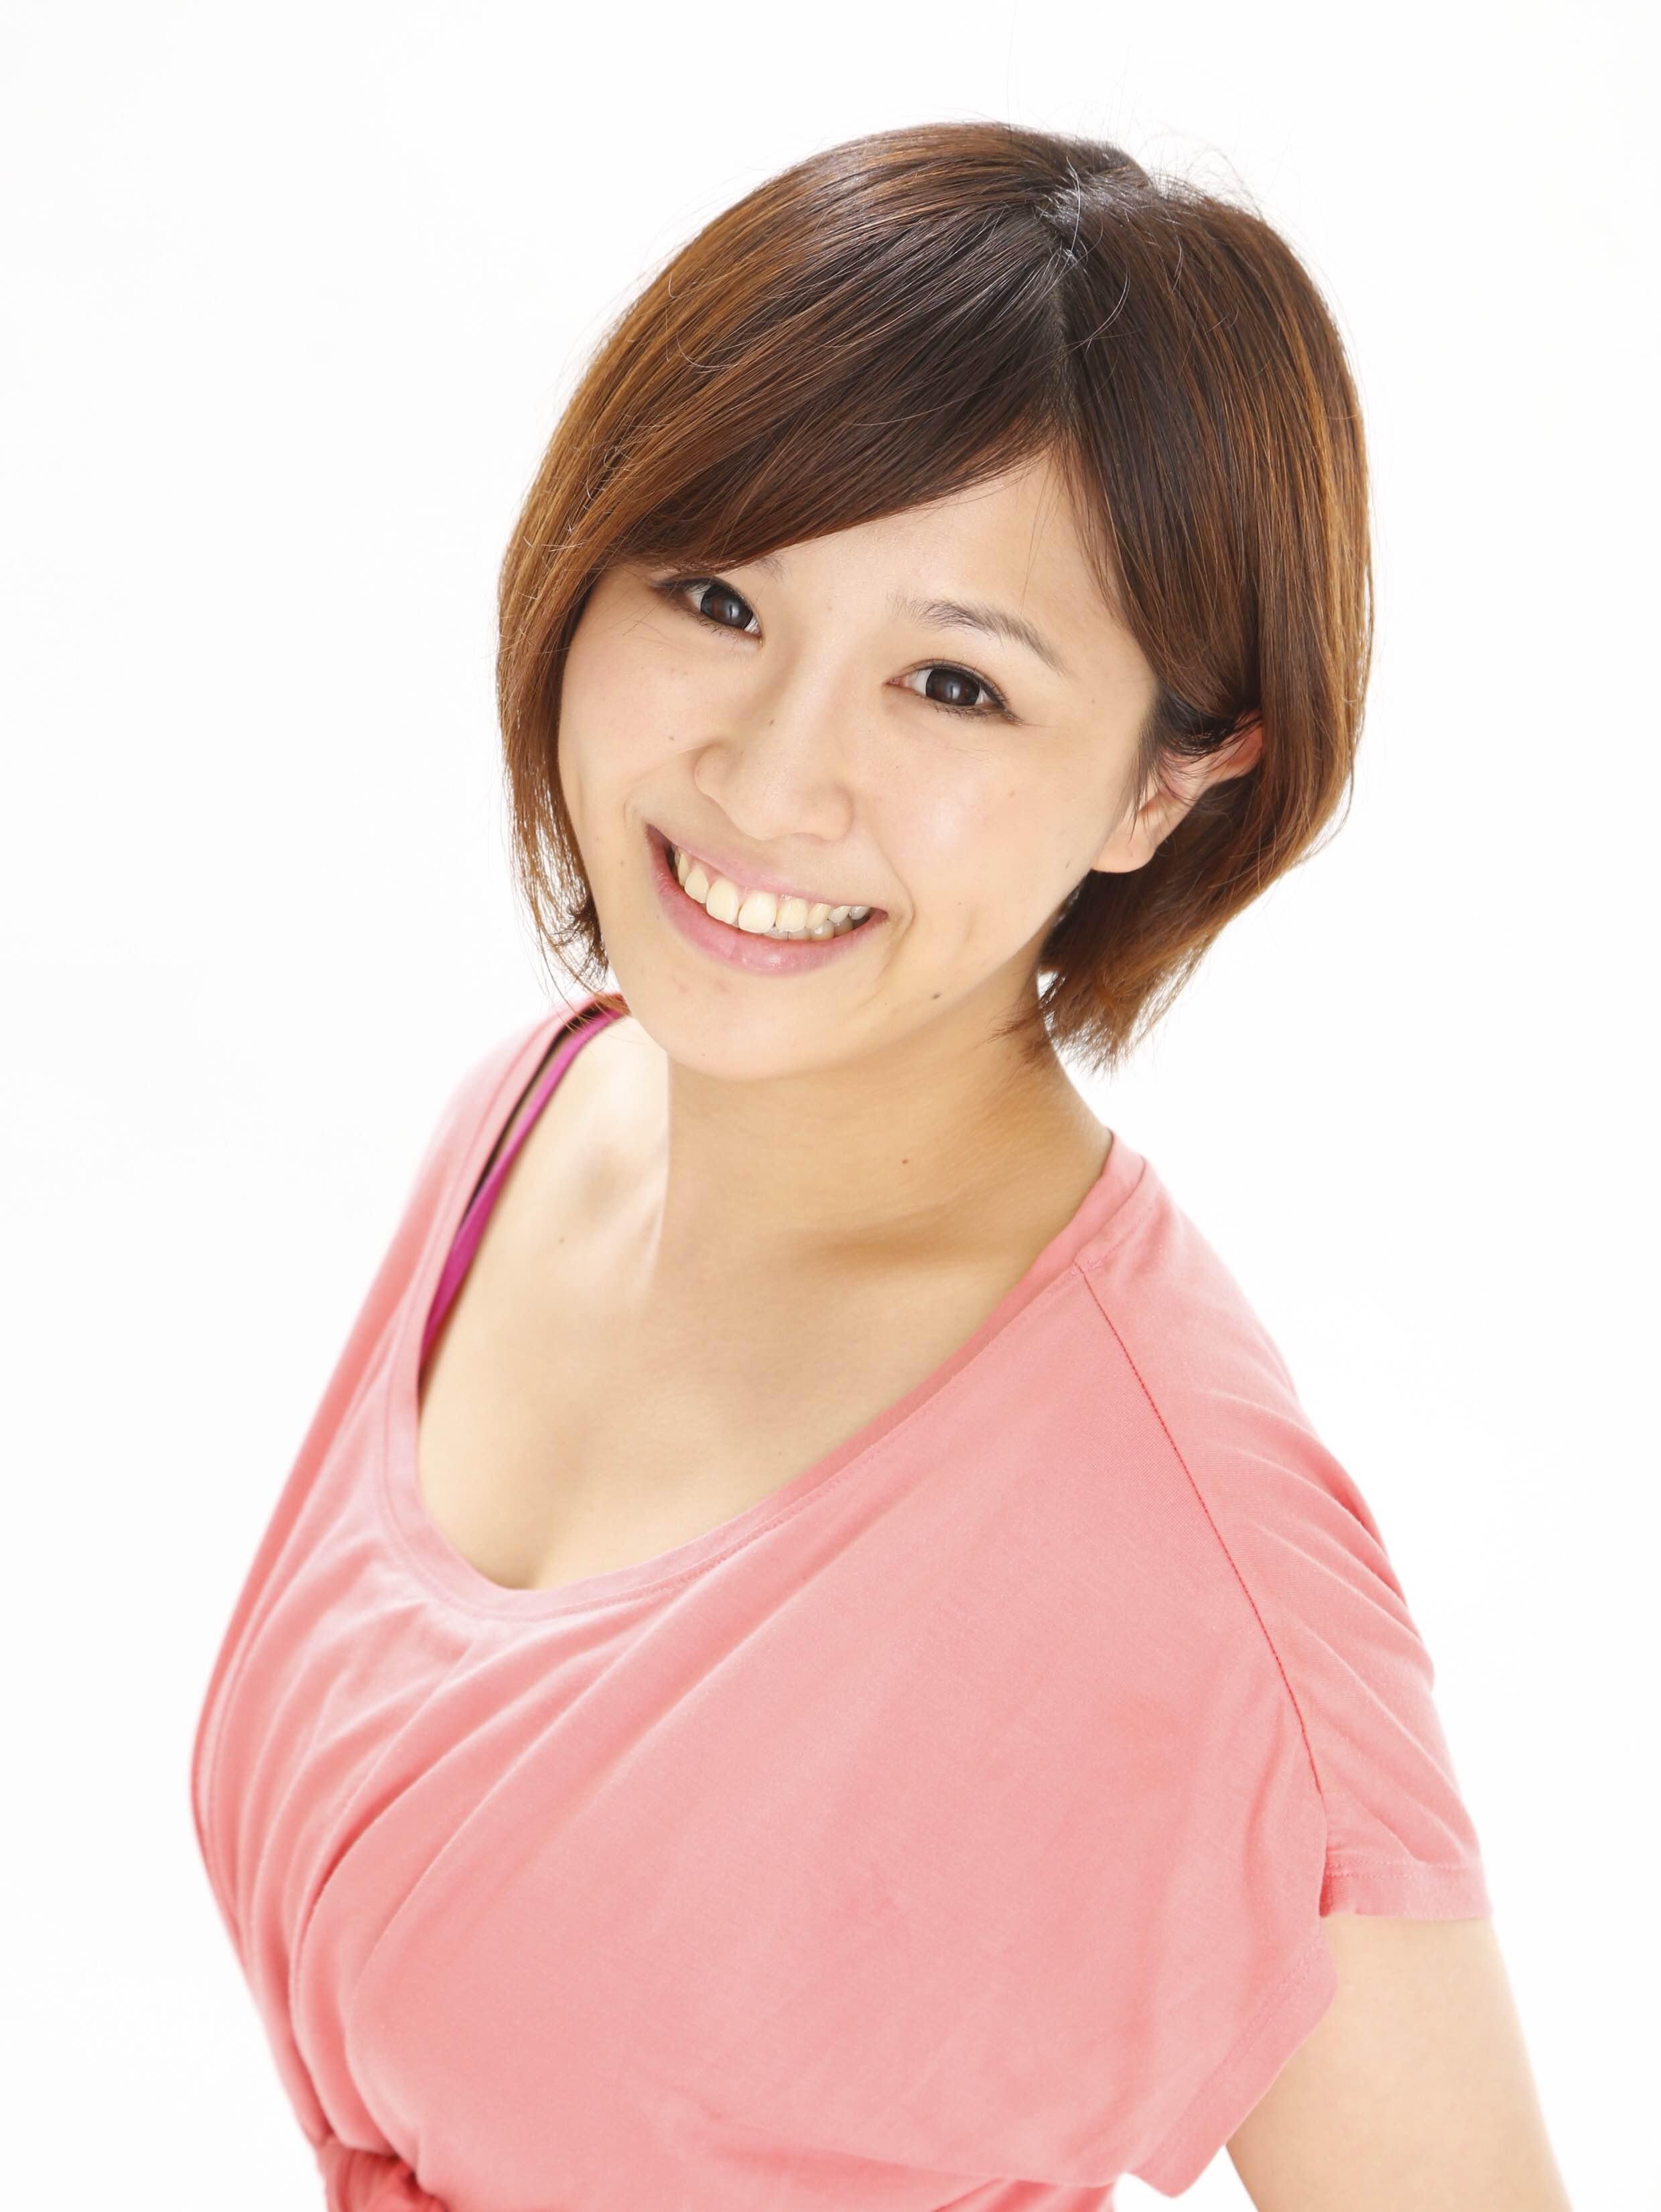 岡本かなみ先生 顔写真